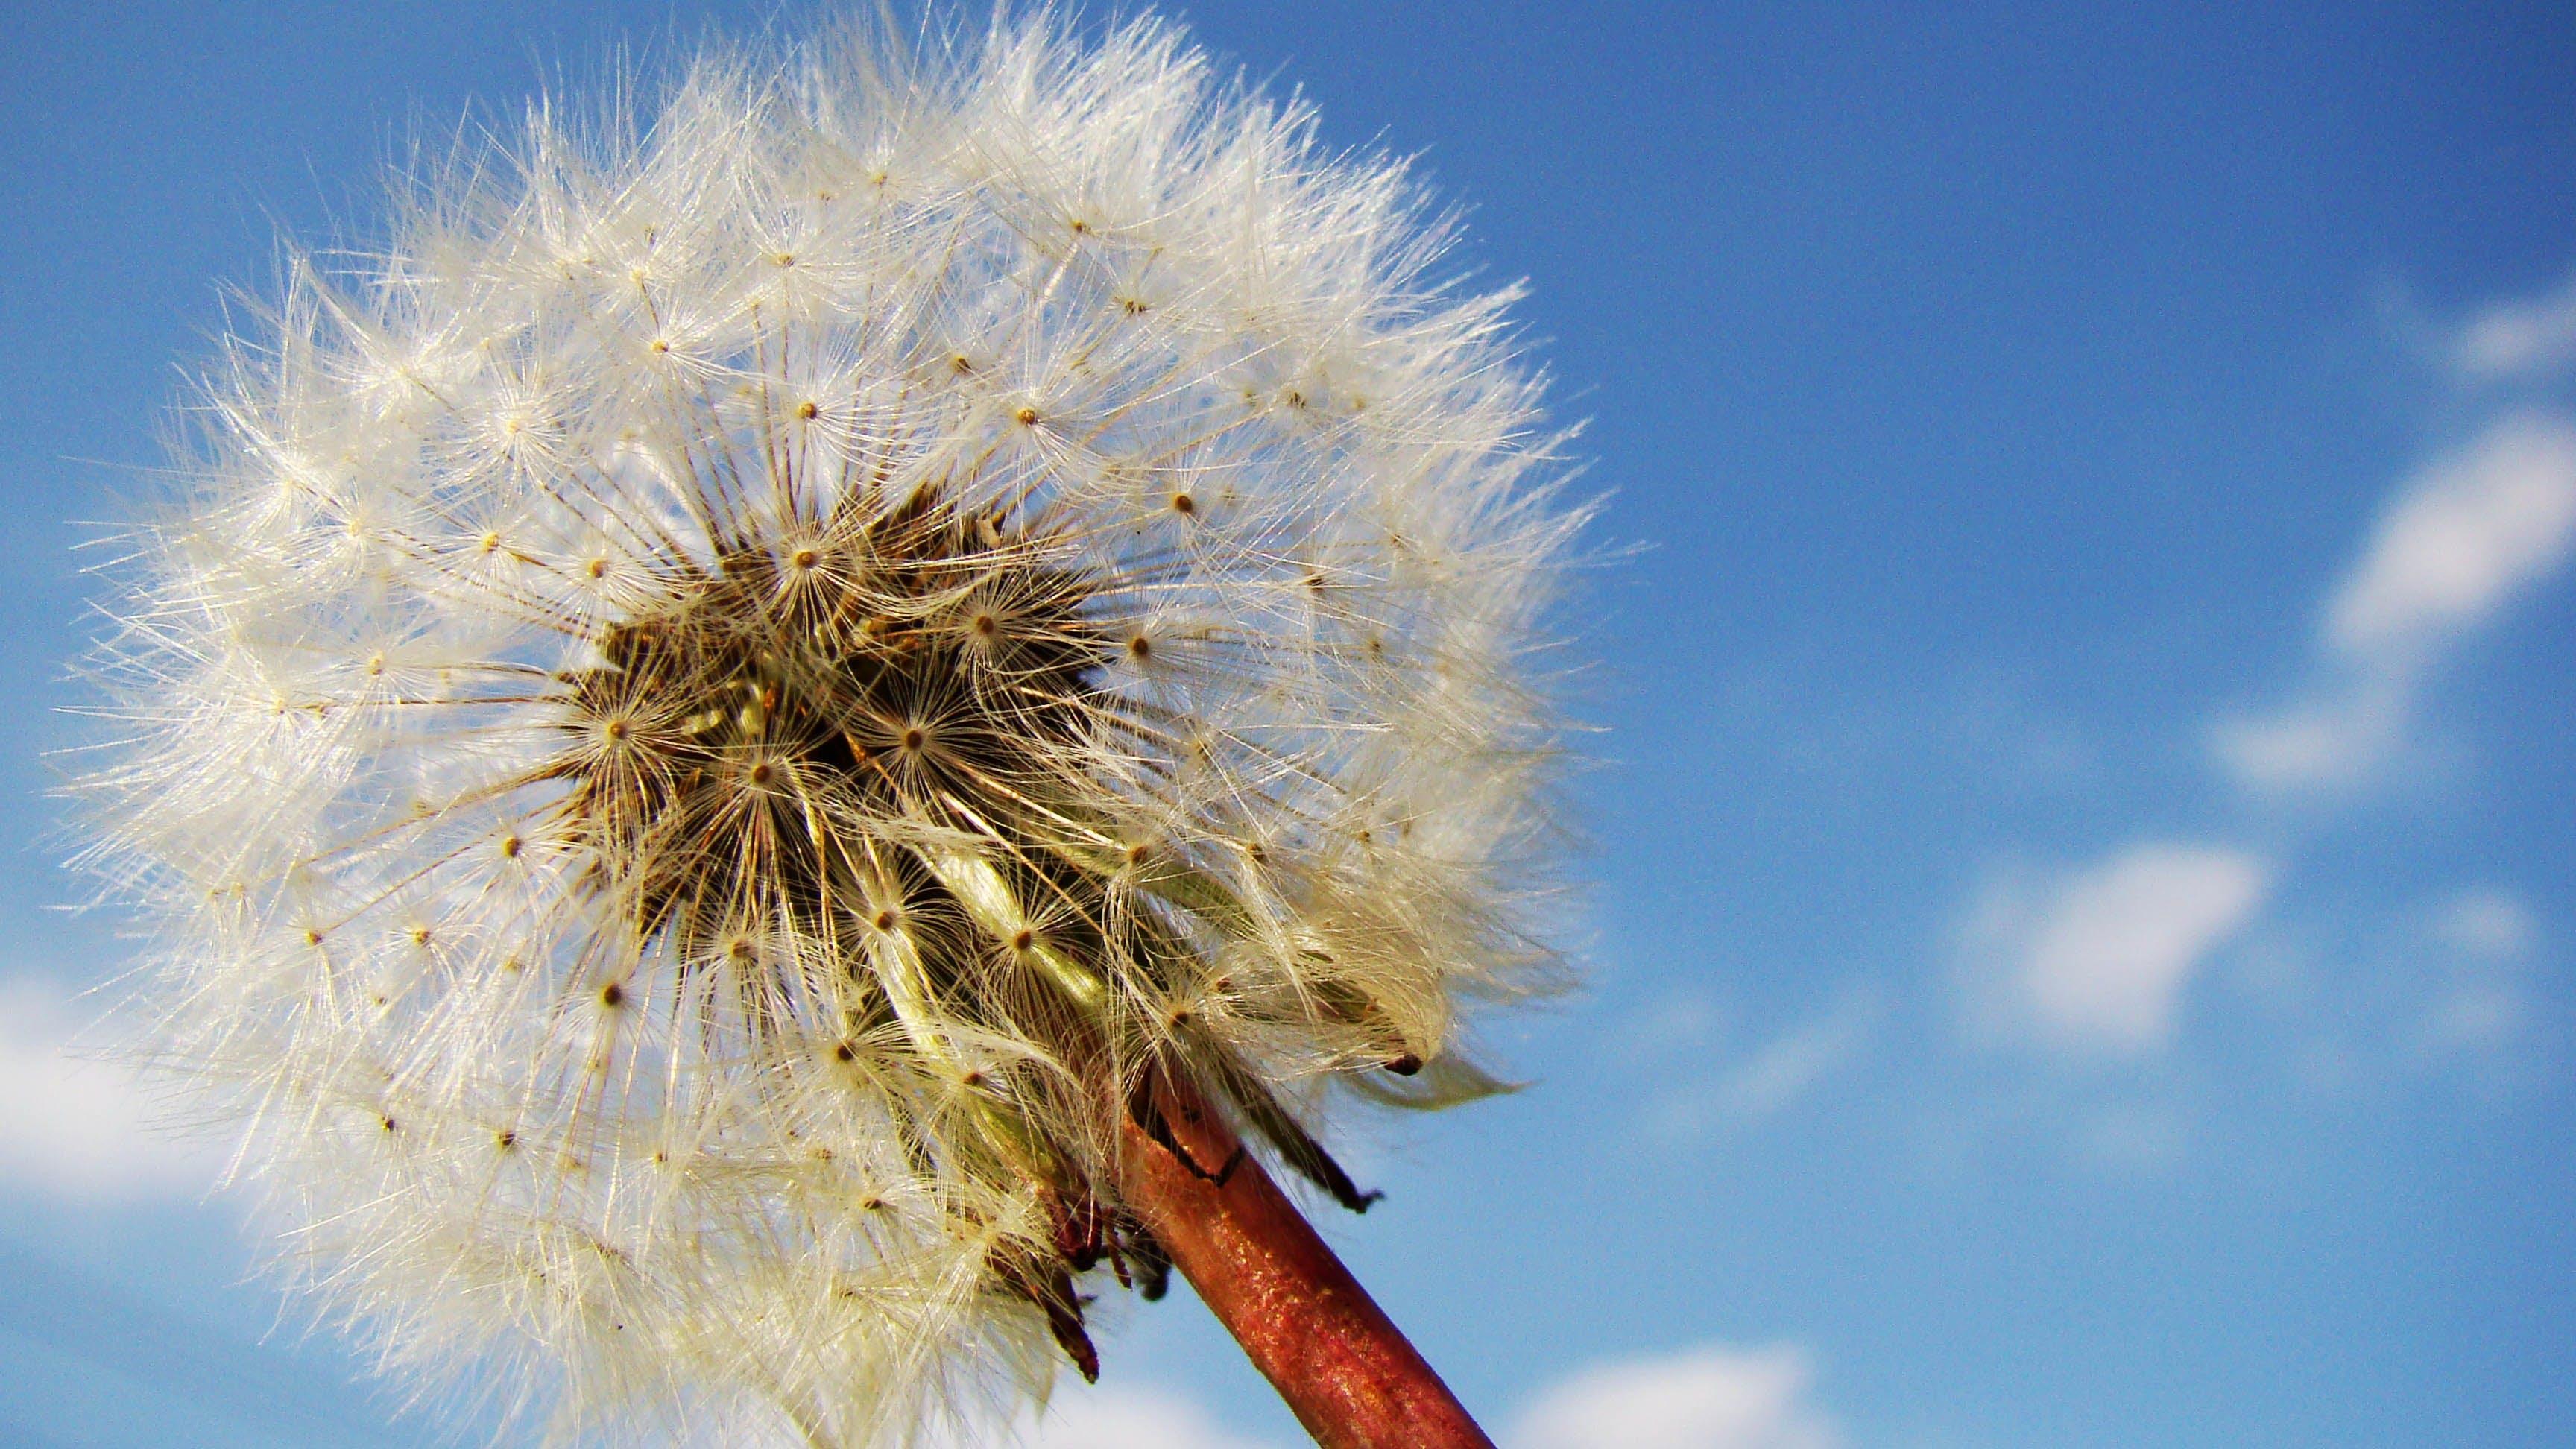 White Blow Flower Under Sunny Blue Skies